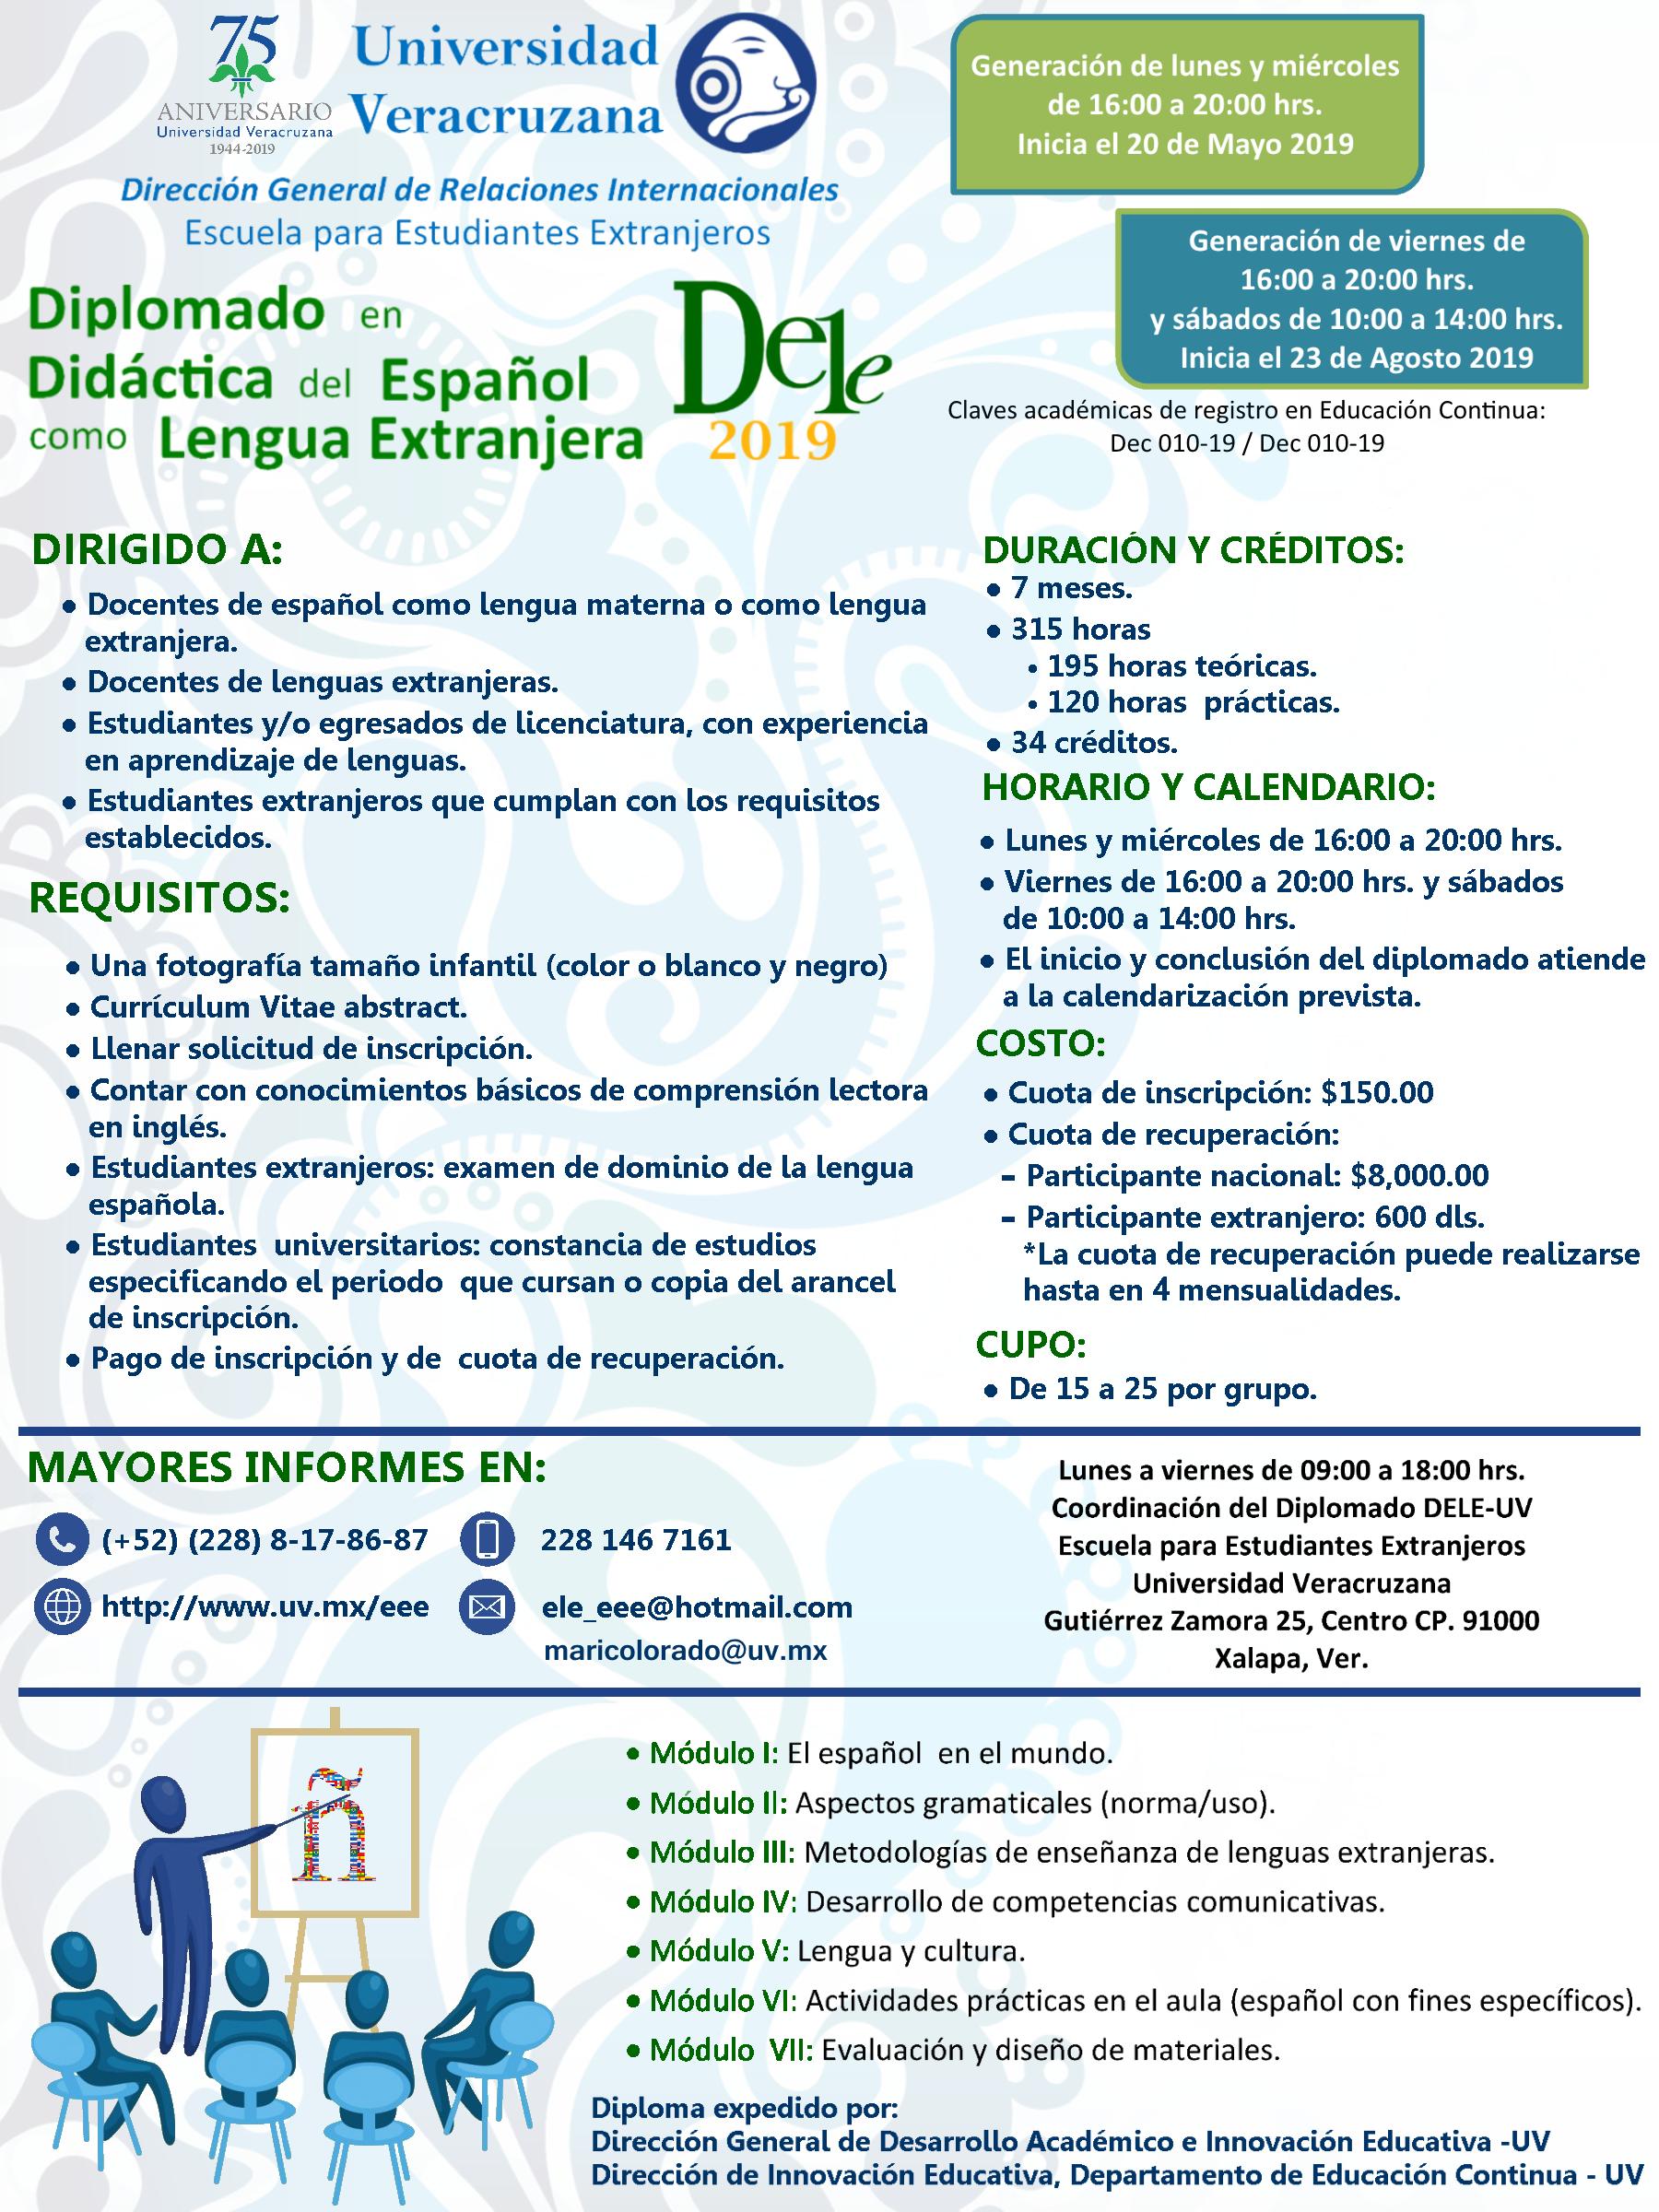 Cartel Diplomado en Didáctica del Español como Lengua Extranjera 2019